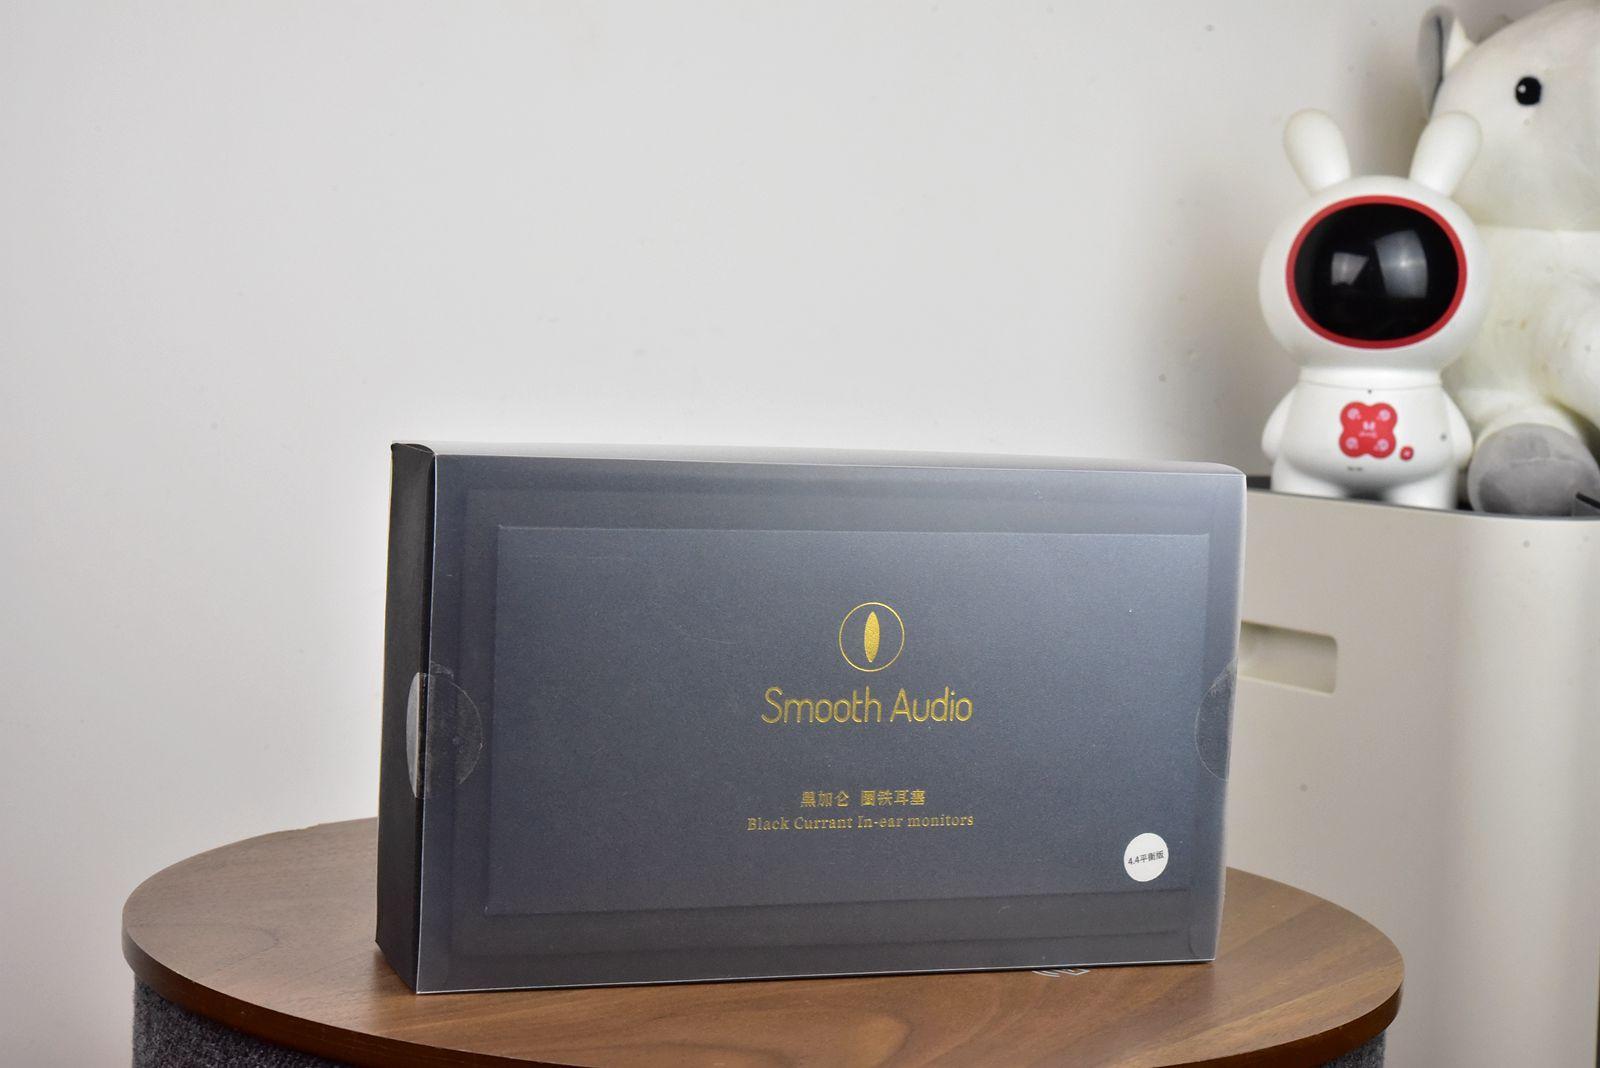 圣弦黑加仑圈铁耳机评测:音频专业背景就是不落俗套